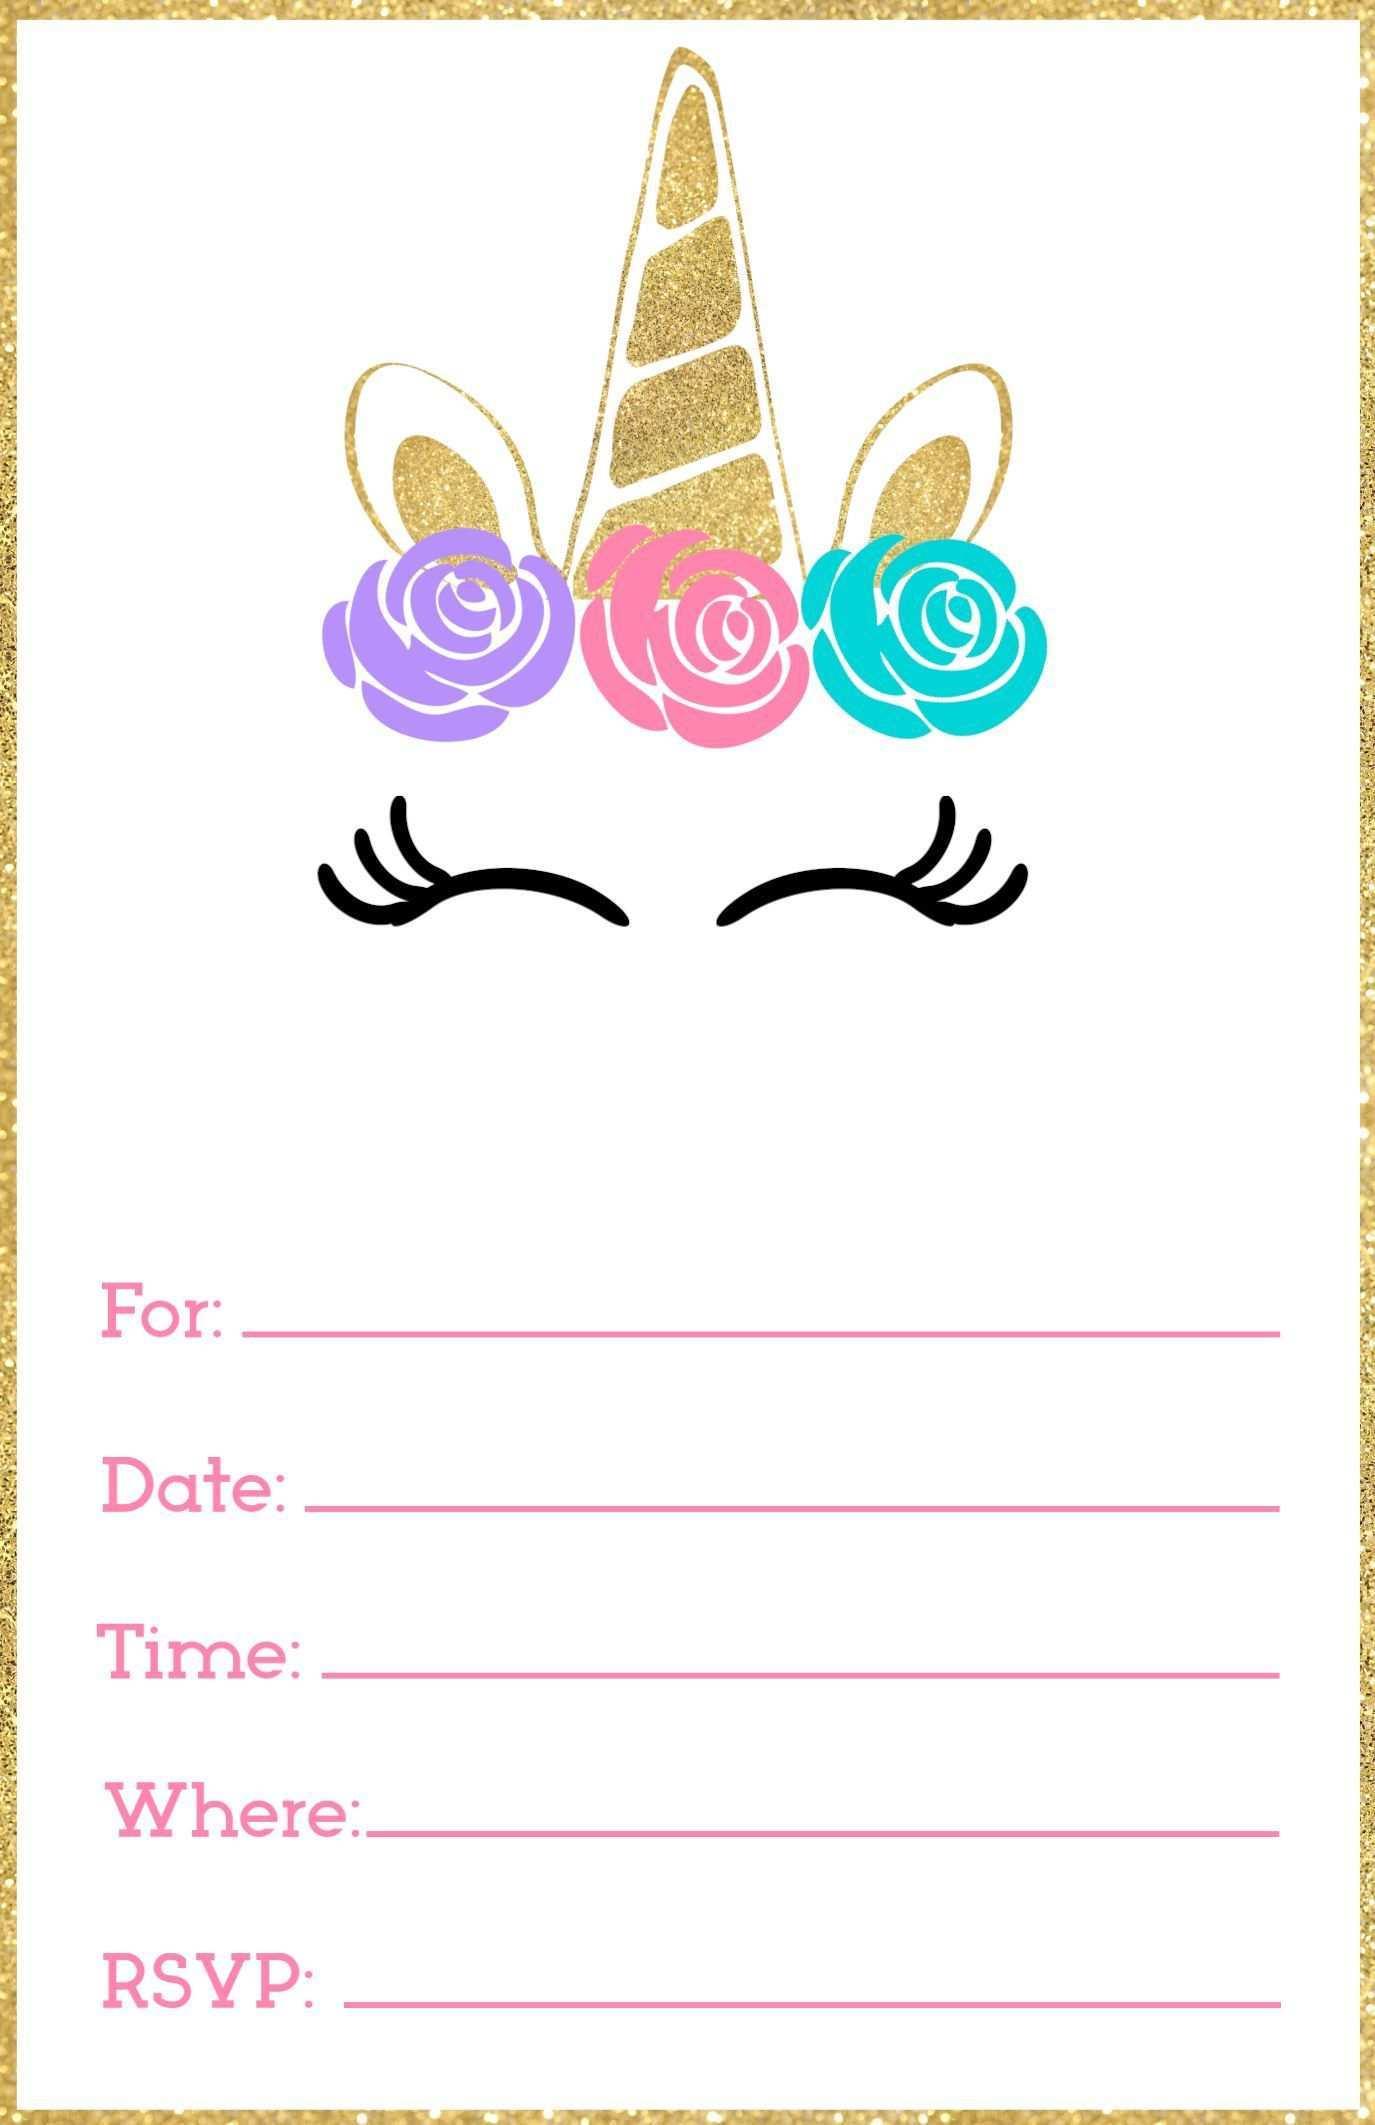 Free Printable Unicorn Invitations Template Paper Trail Design In 2020 Einladungsvorlage Einhorn Einladungen Einladungen Vorlagen